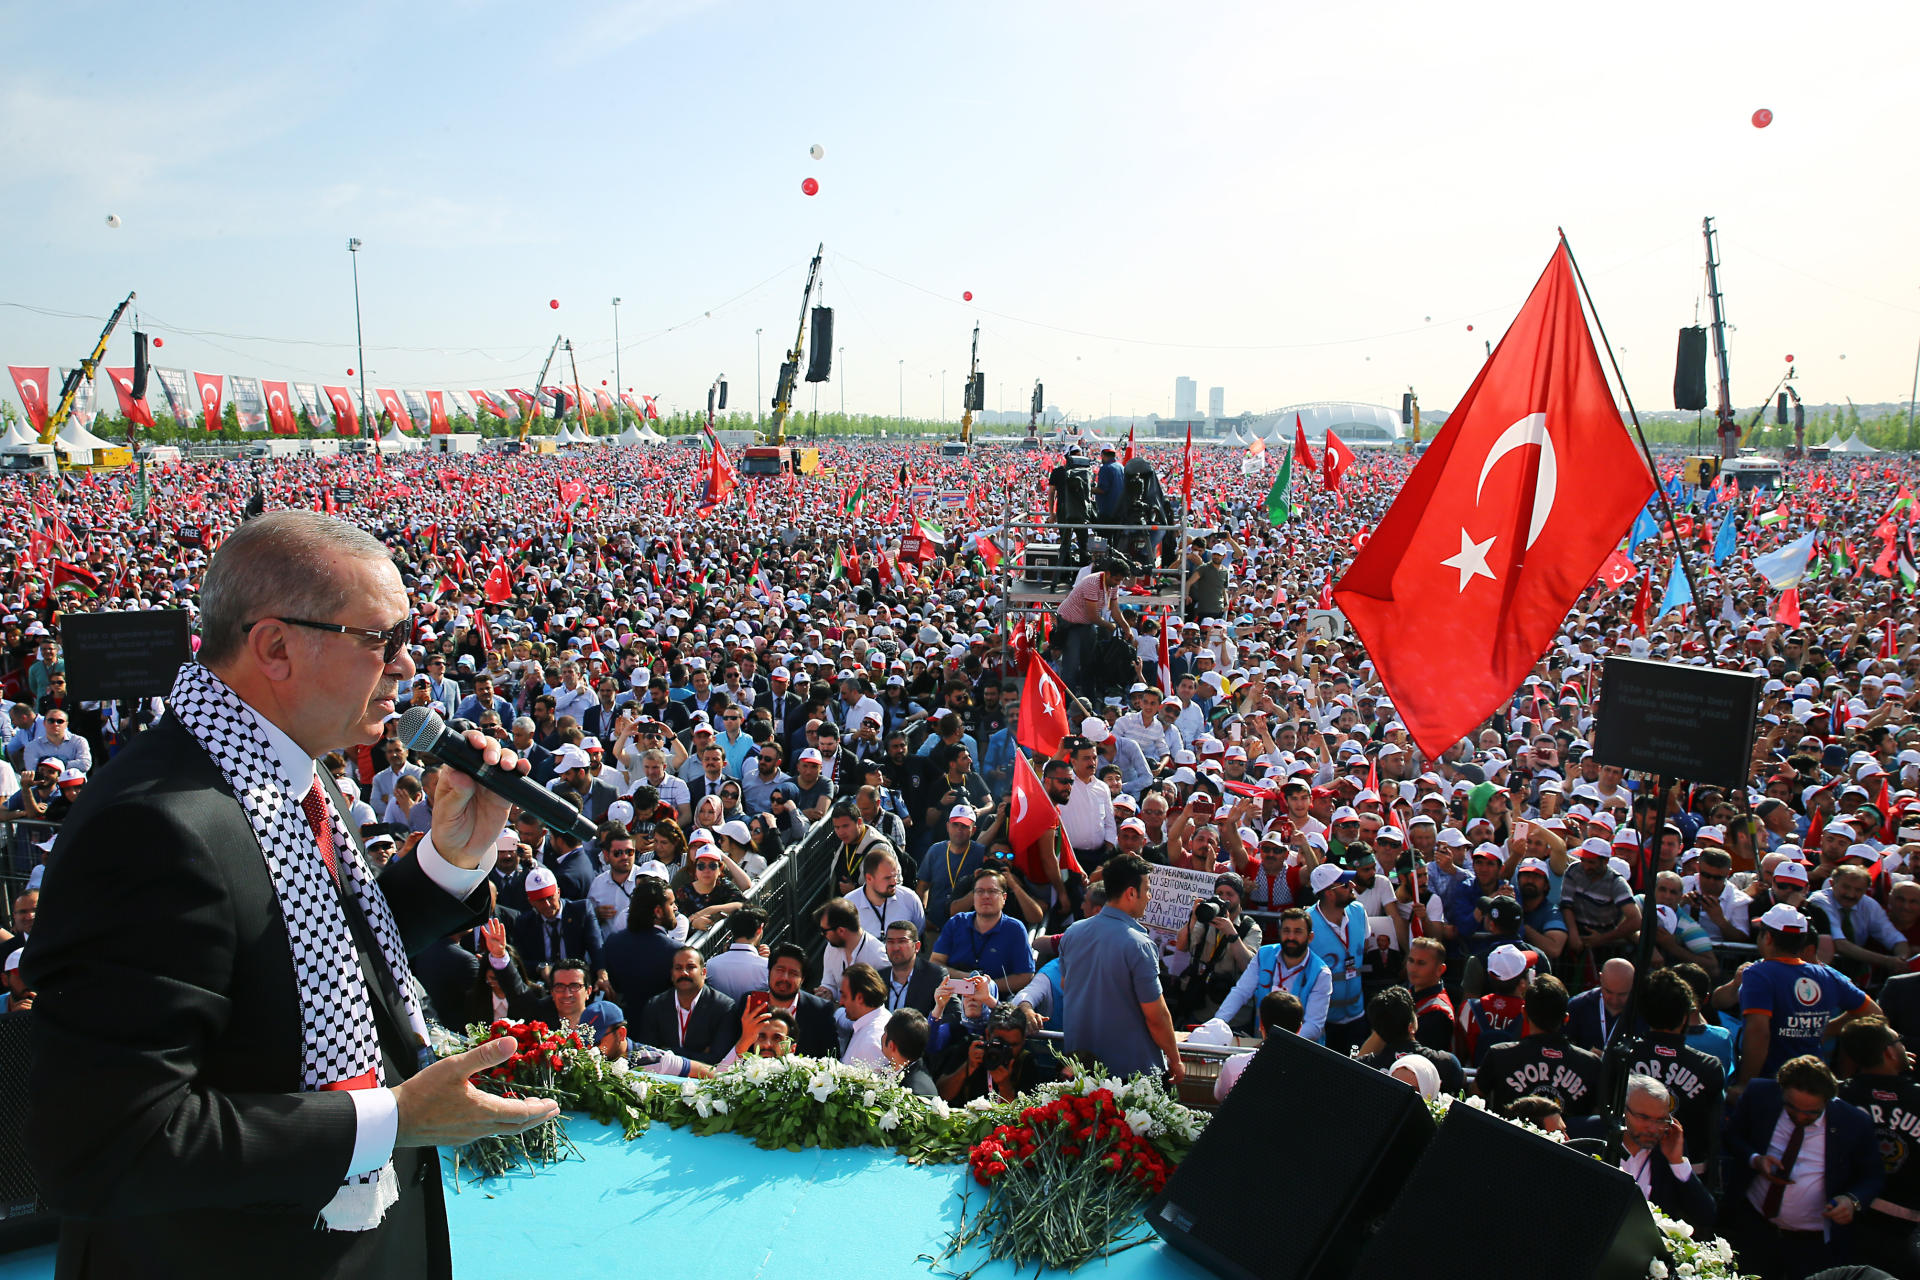 اردوغان قودس اوزریندن عربیستانا میدان اوخویور